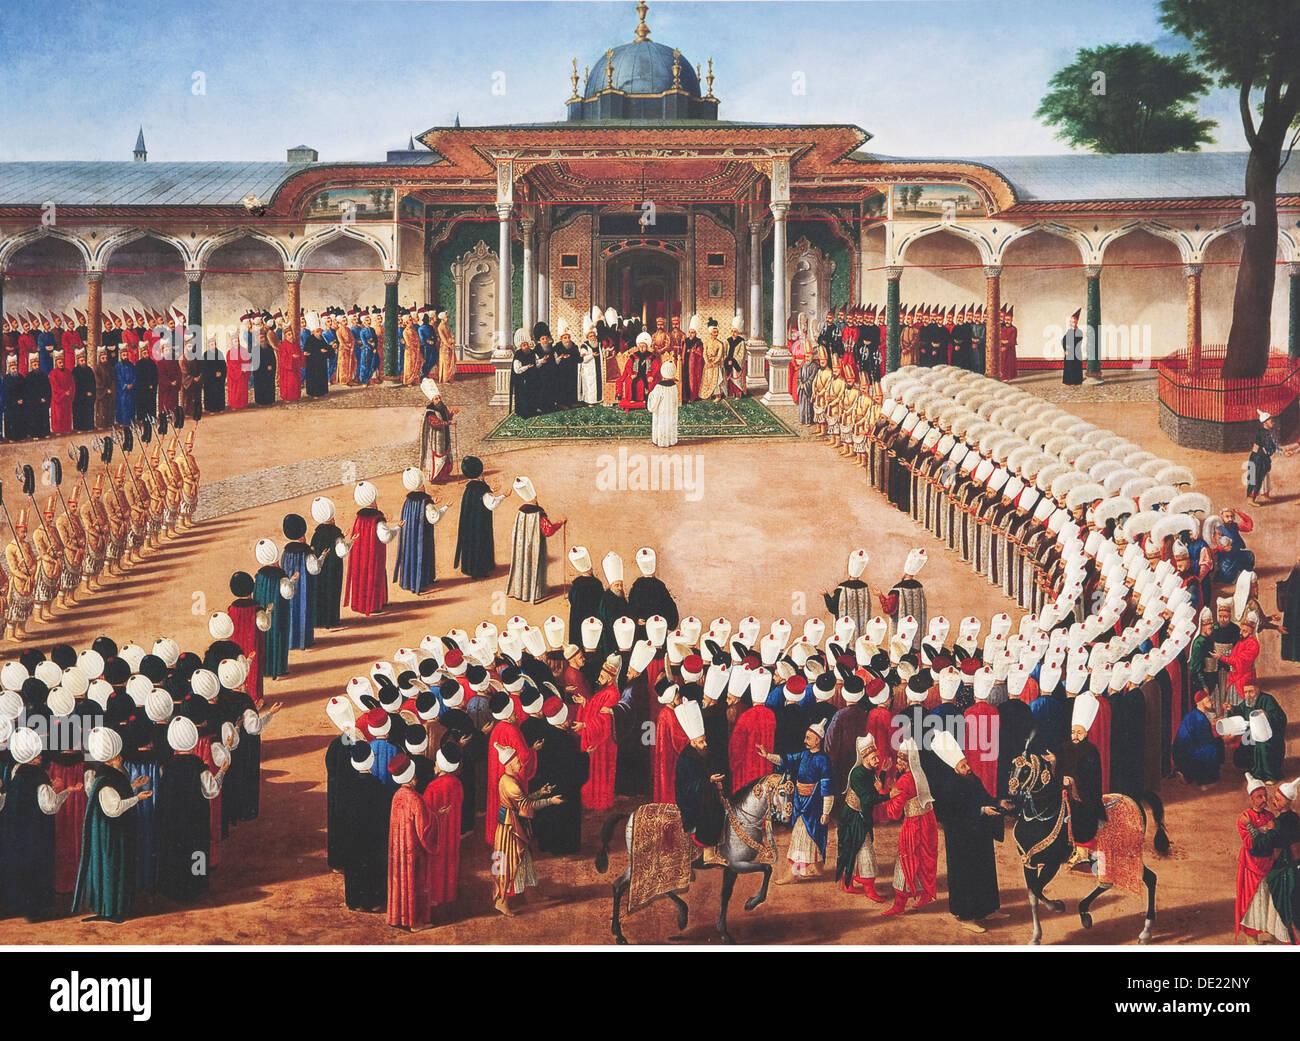 Las bellas artes, el Imperio Bizantino, el Palacio de Topkapi, pintura, Estambul, el Copyright del artista no ha de ser borrado Imagen De Stock